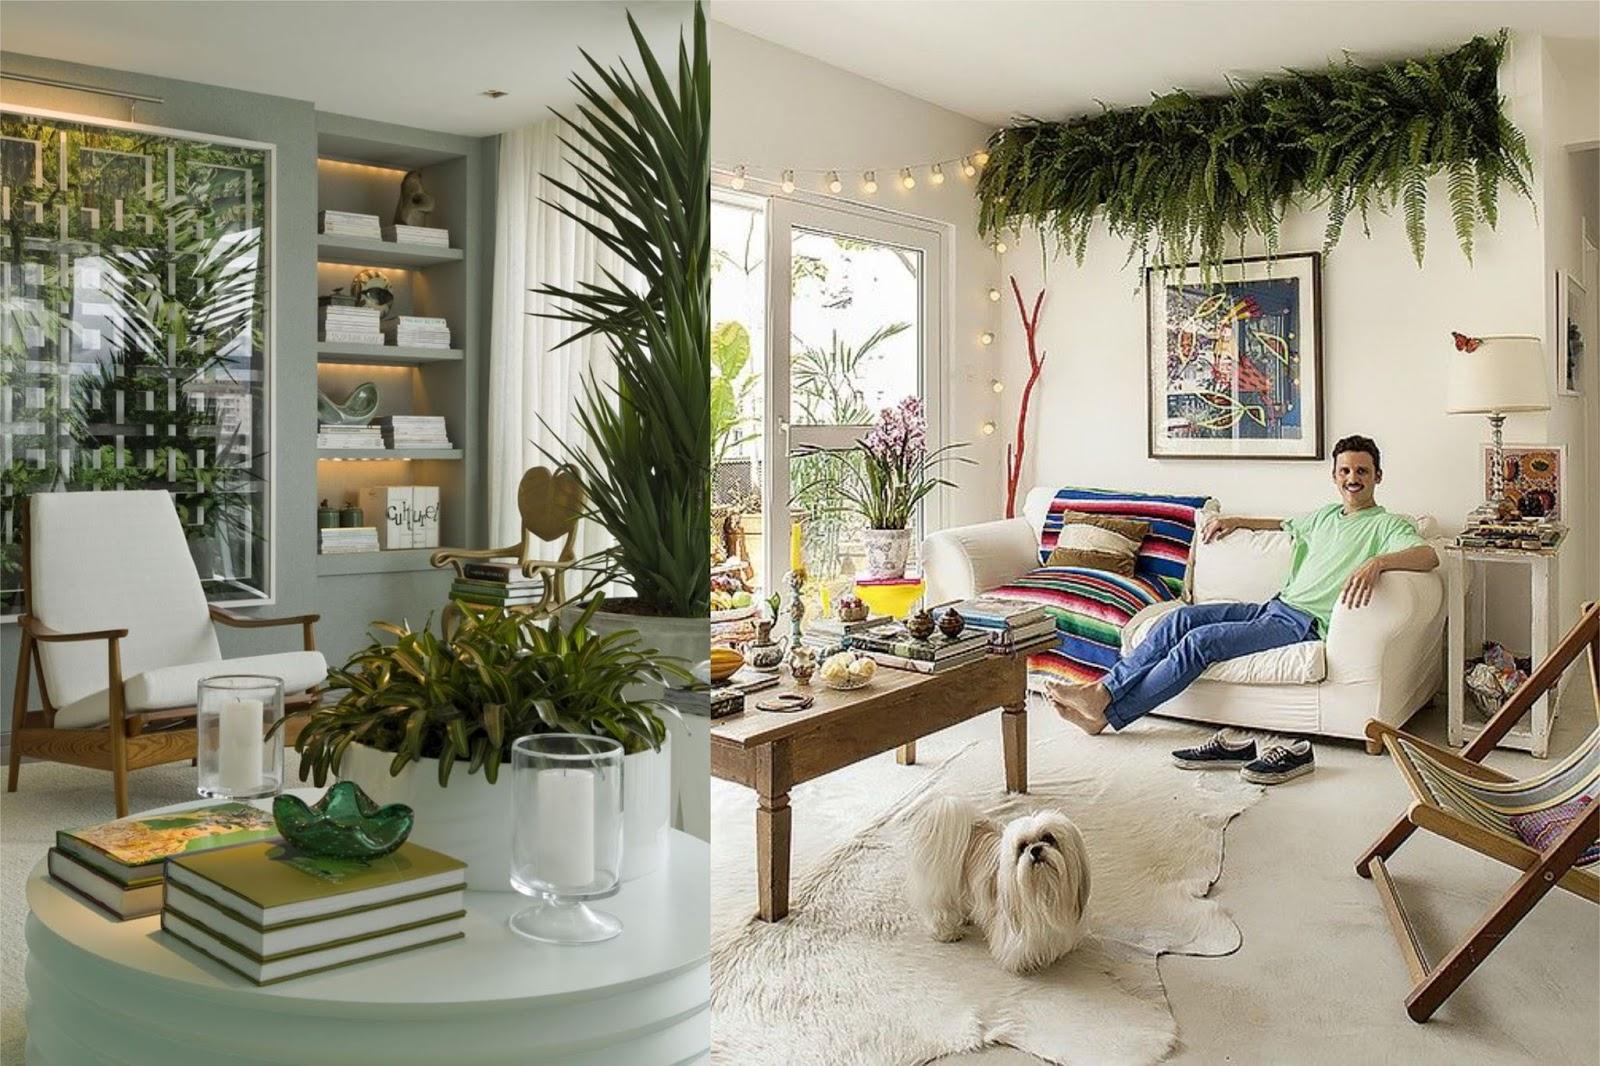 Marden Plus Size: 35 IDEIAS DE DECORAÇÃO COM PLANTAS #63482D 1600x1066 Banheiro Com Jardim Embaixo Da Pia